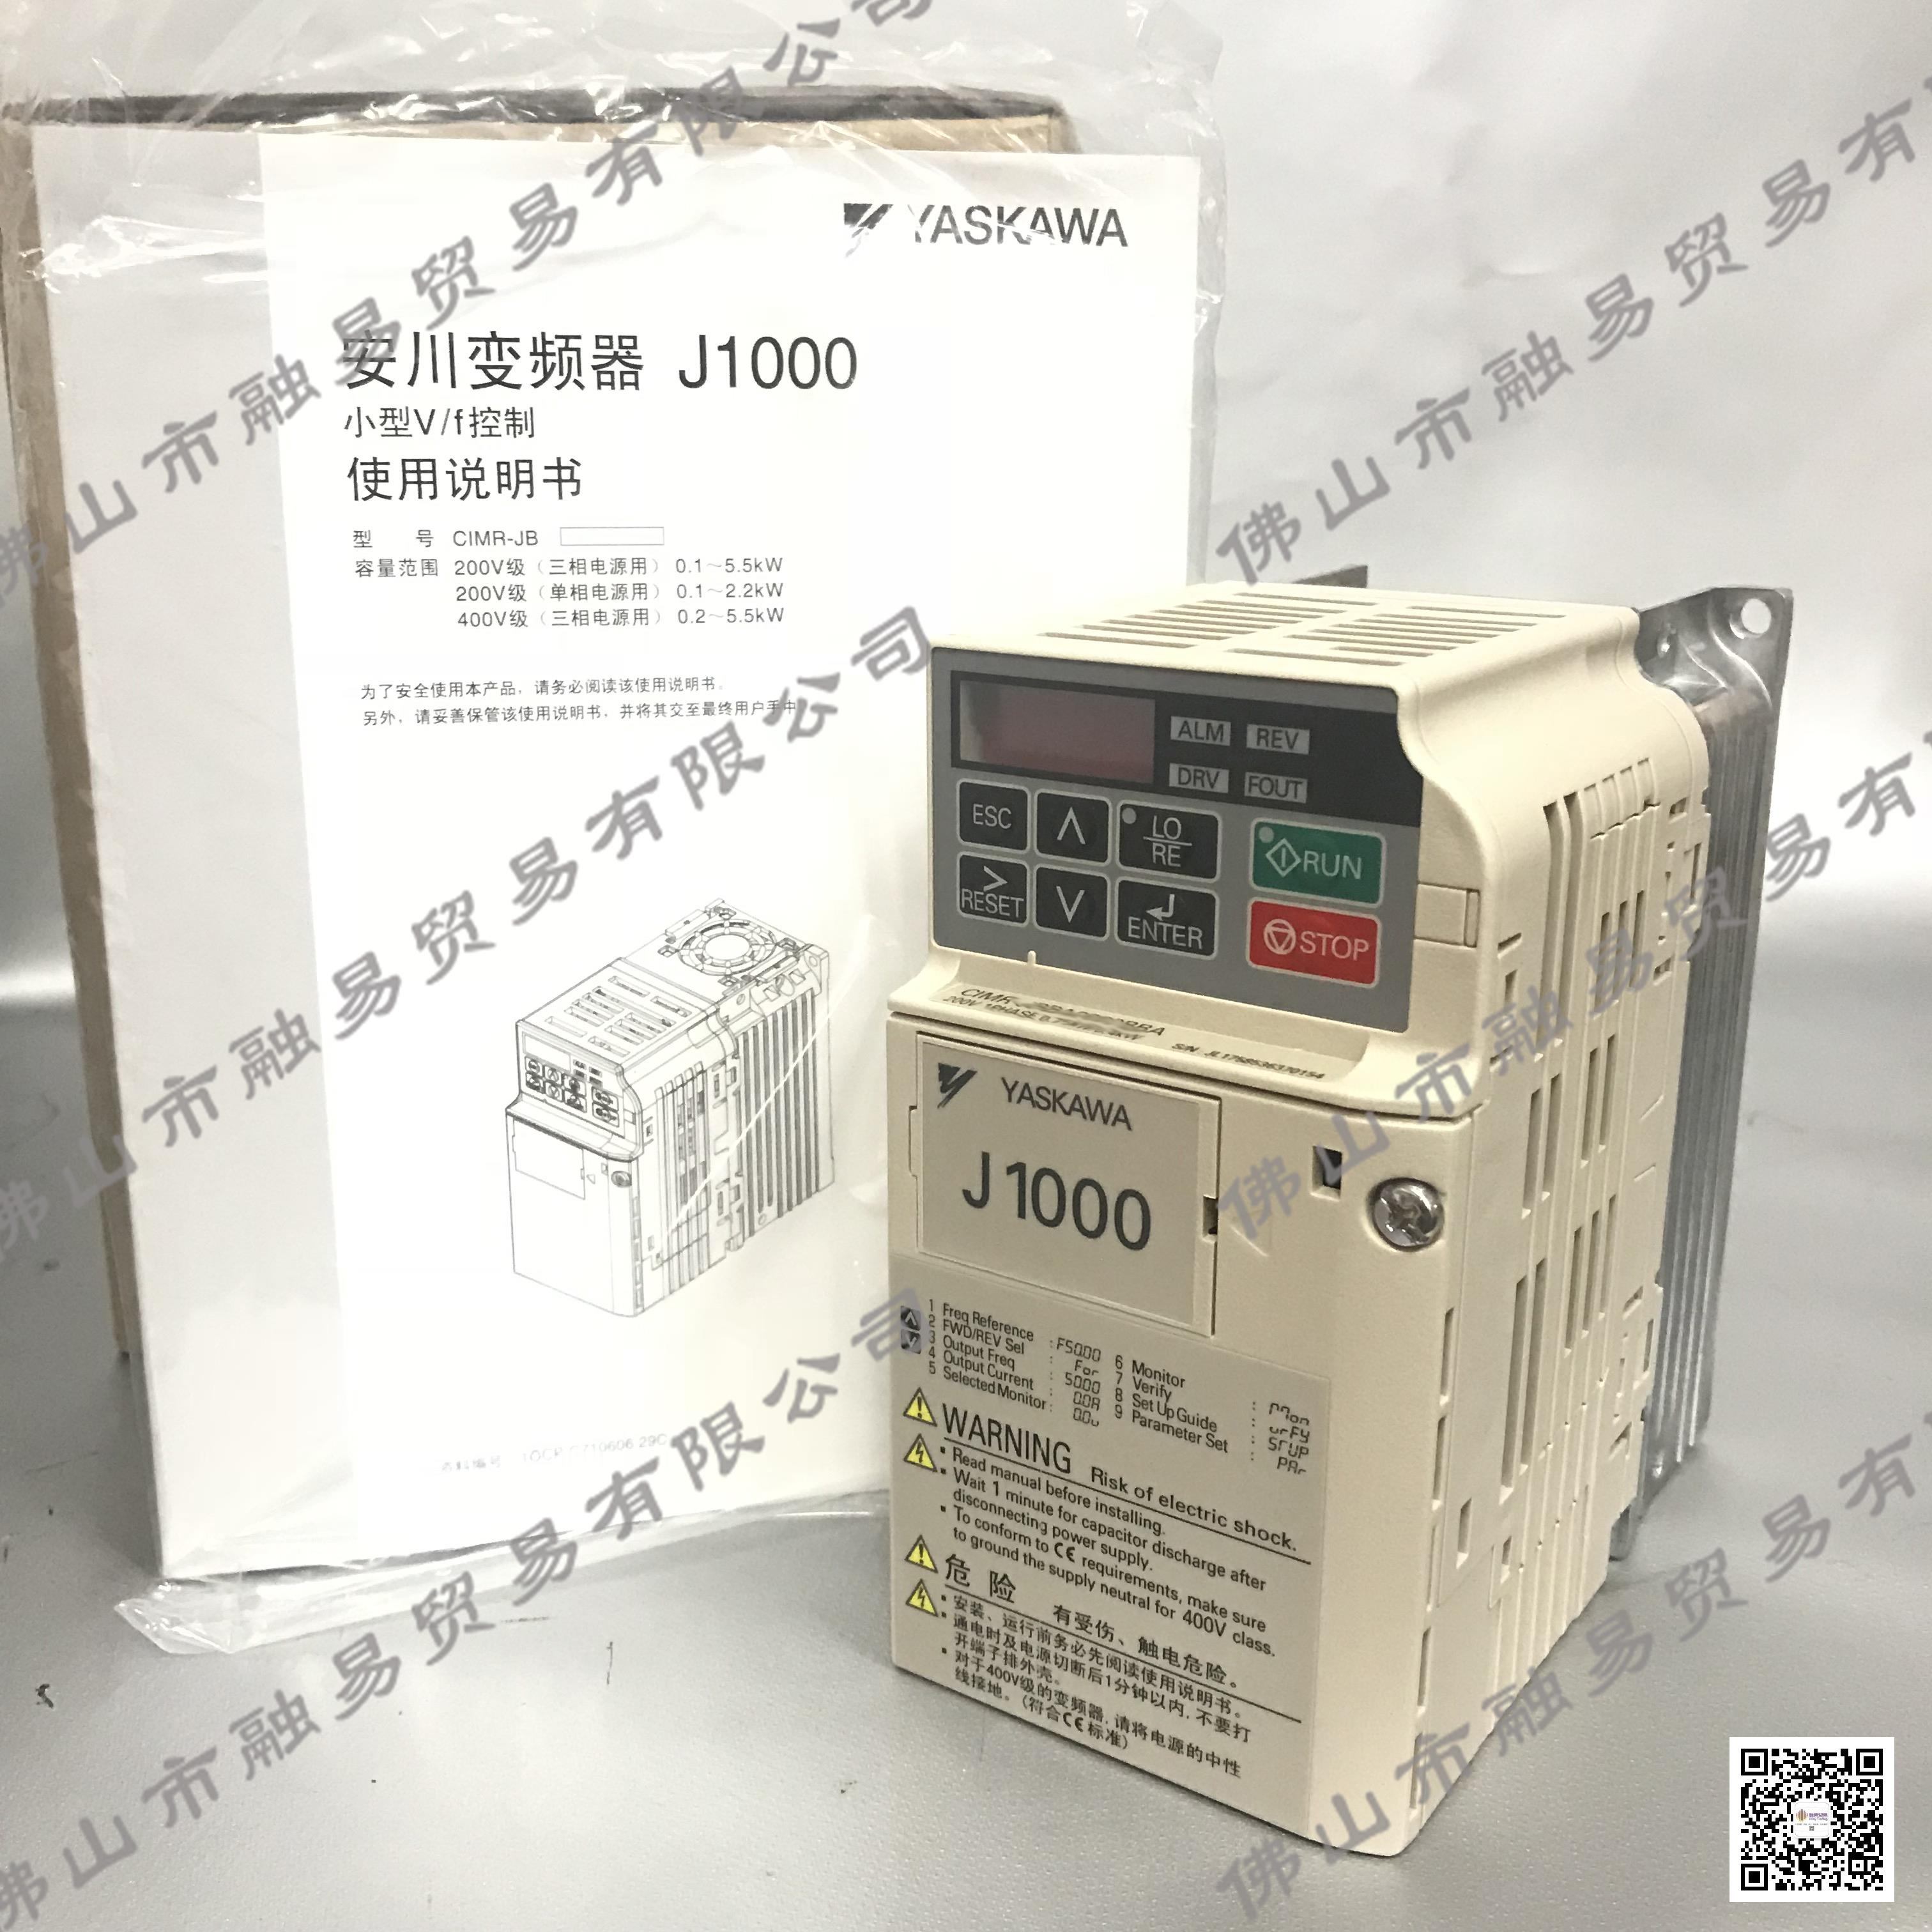 安川变频器 J1000系列 CIMR-JBBA0003 0.4KW 小型简易型变频器